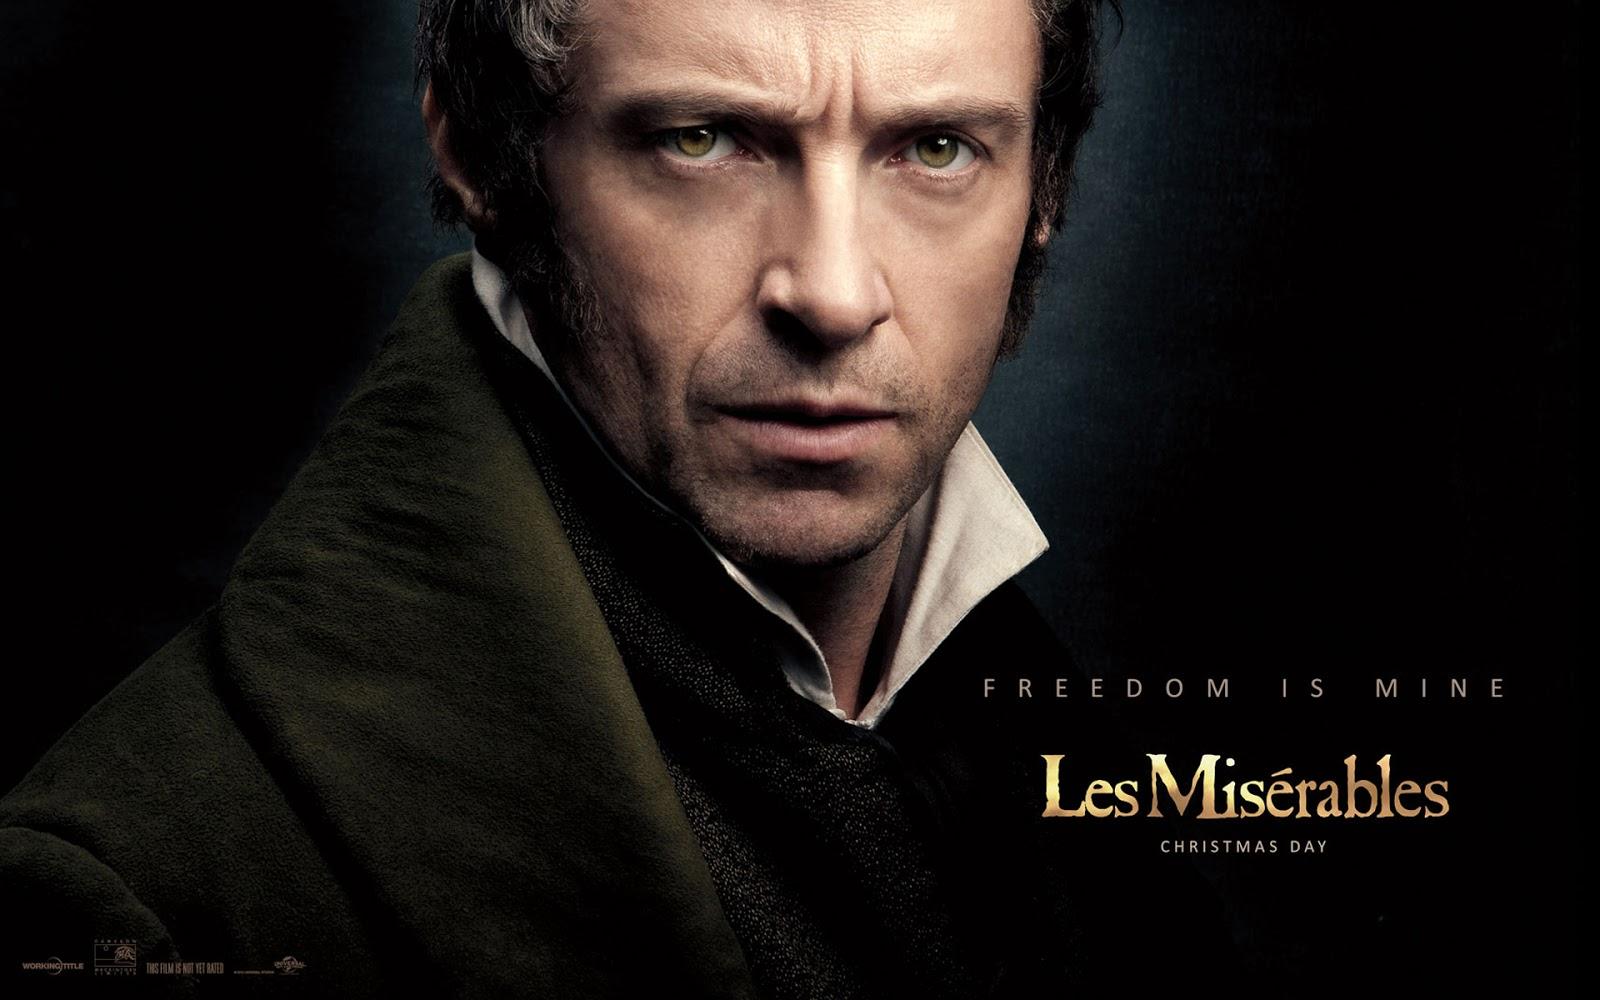 http://4.bp.blogspot.com/-wDGLzV2hT8U/UNQo0OhYmHI/AAAAAAAATNM/7xyDn_GieIc/s1600/freedom_is_mine_hugh_jackman_poster.jpg